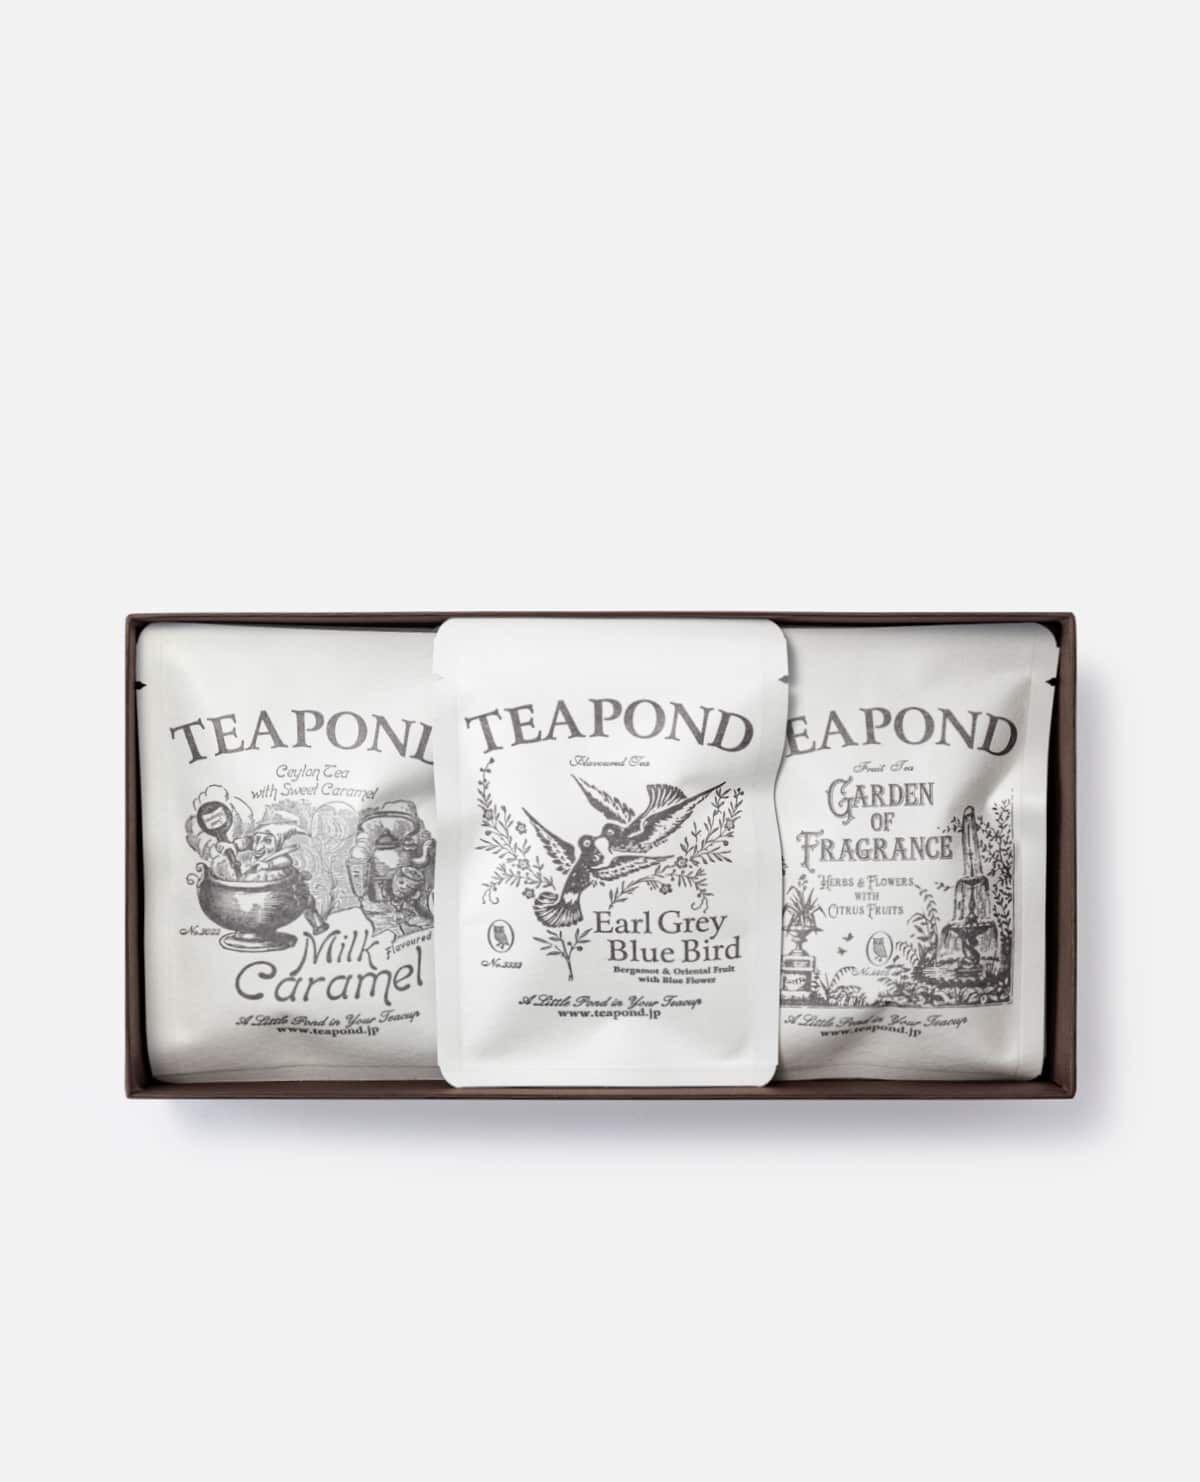 紅茶専門店のティーバッグギフト 20個入り(TEAPOND紅茶)